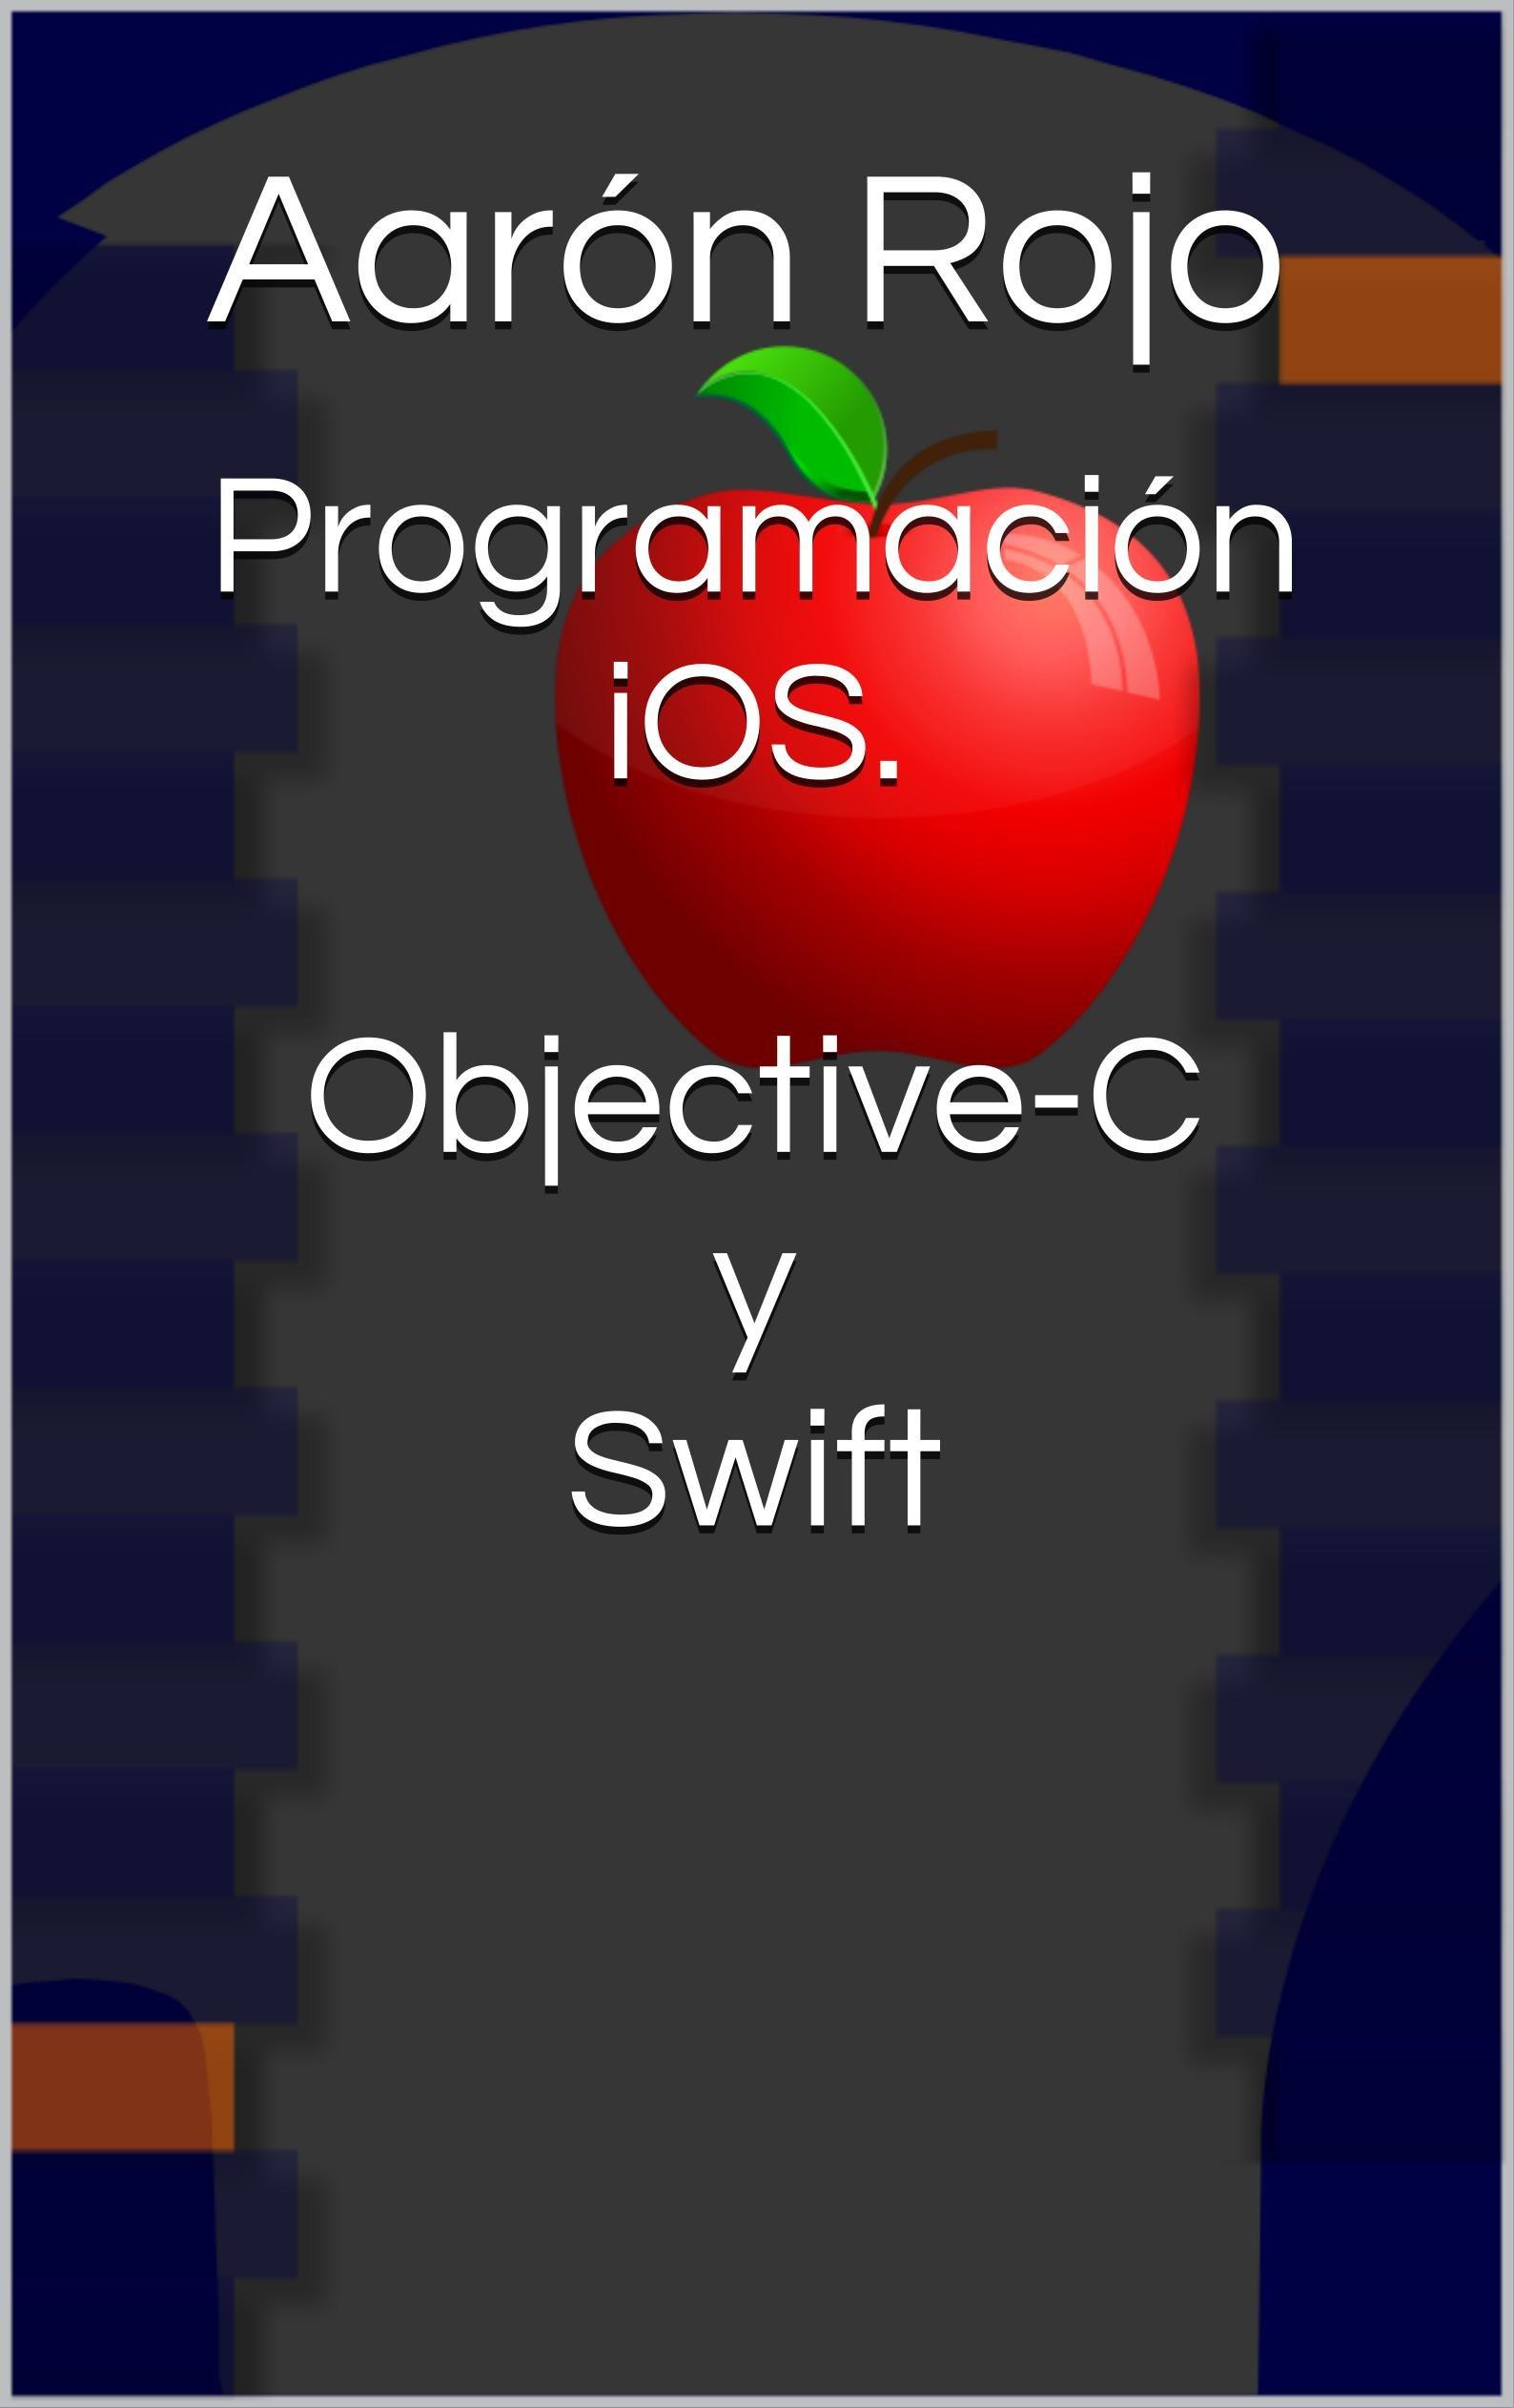 Programación iOS. Objective-C y Swift (Spanish Edition)